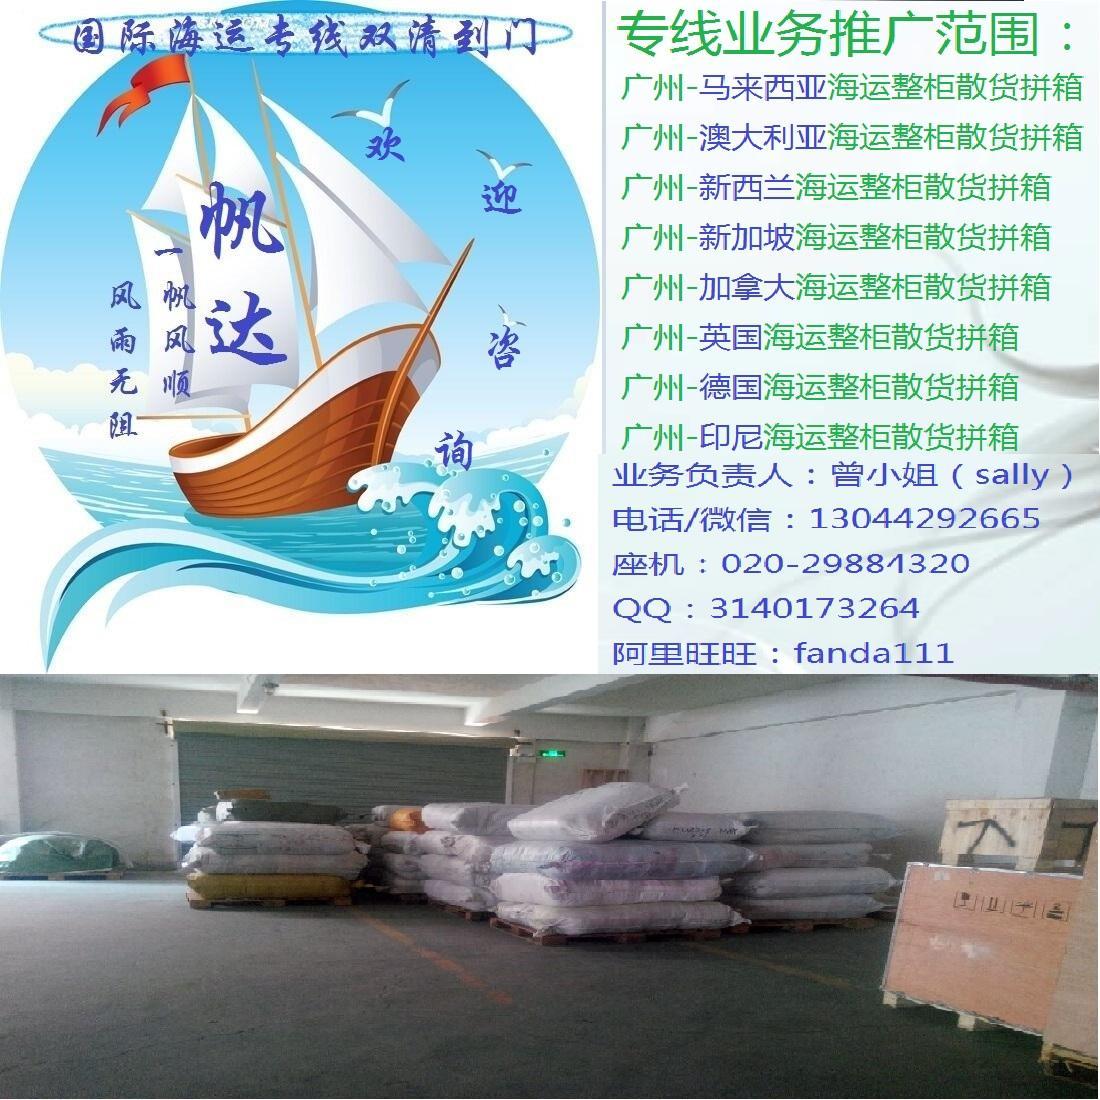 广州到新加坡海运物流网购代购集运门到门专线 1